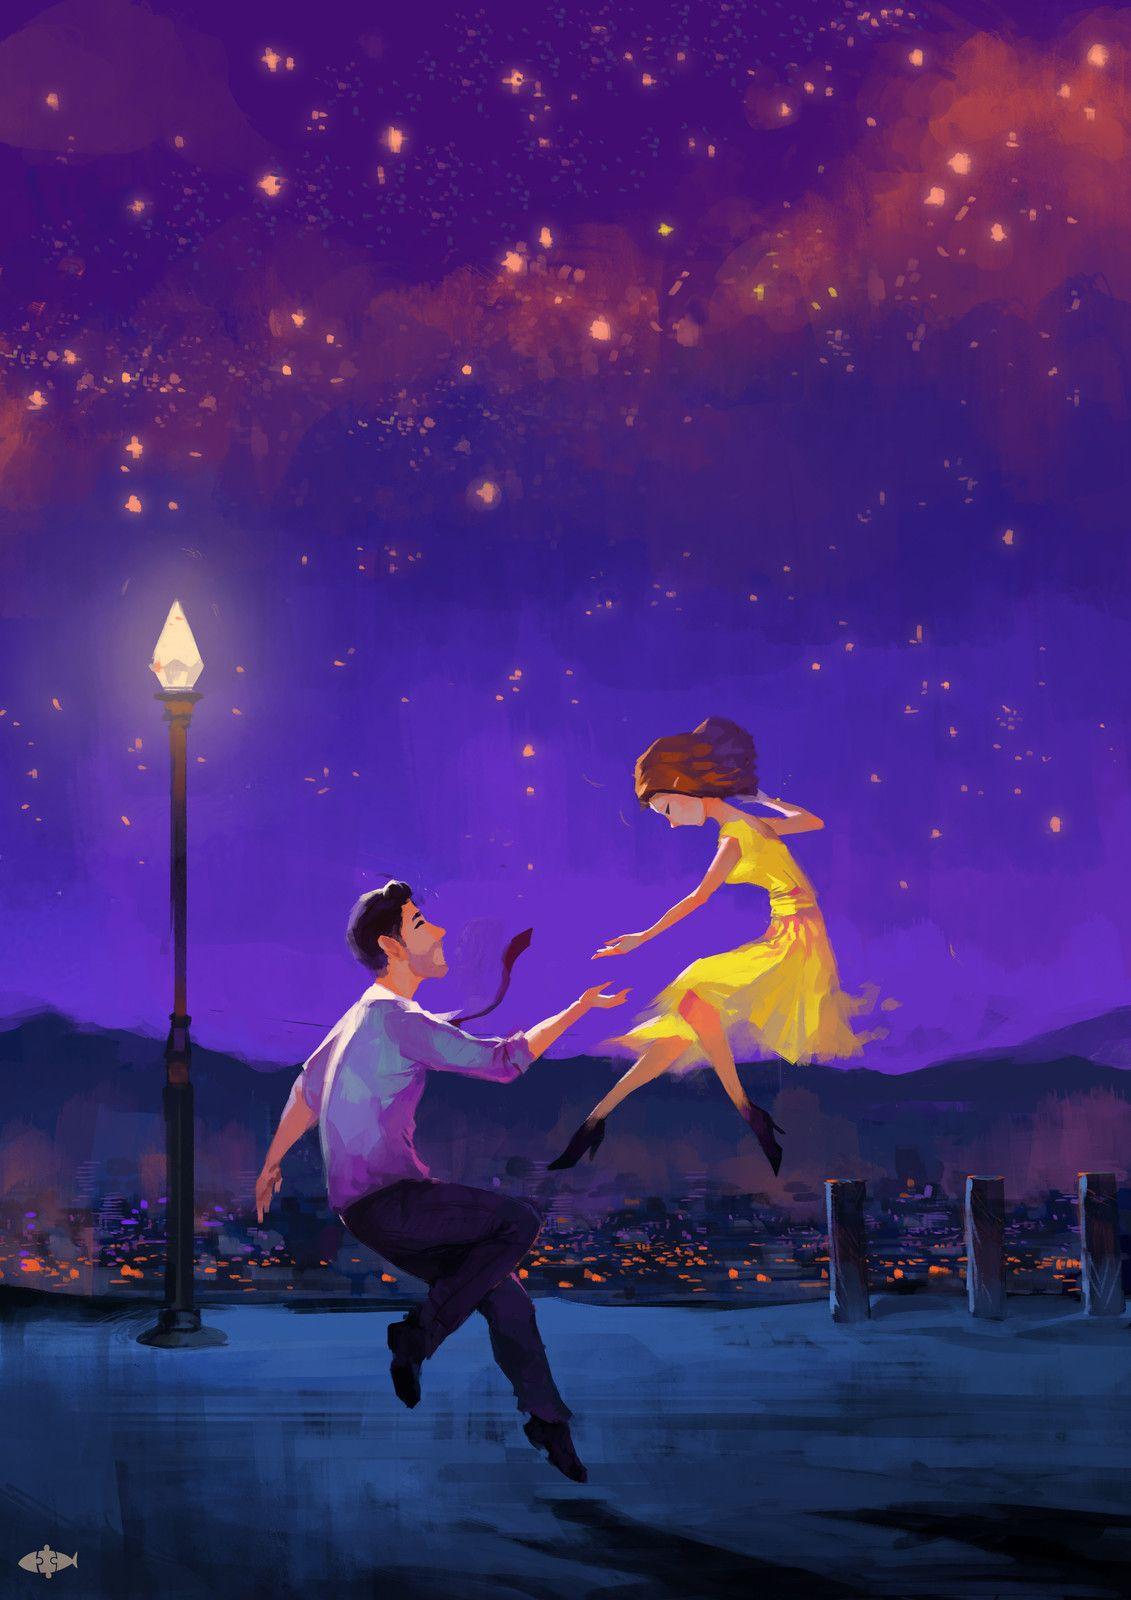 Фільми на Св. Валентина: що подивитись закоханим?